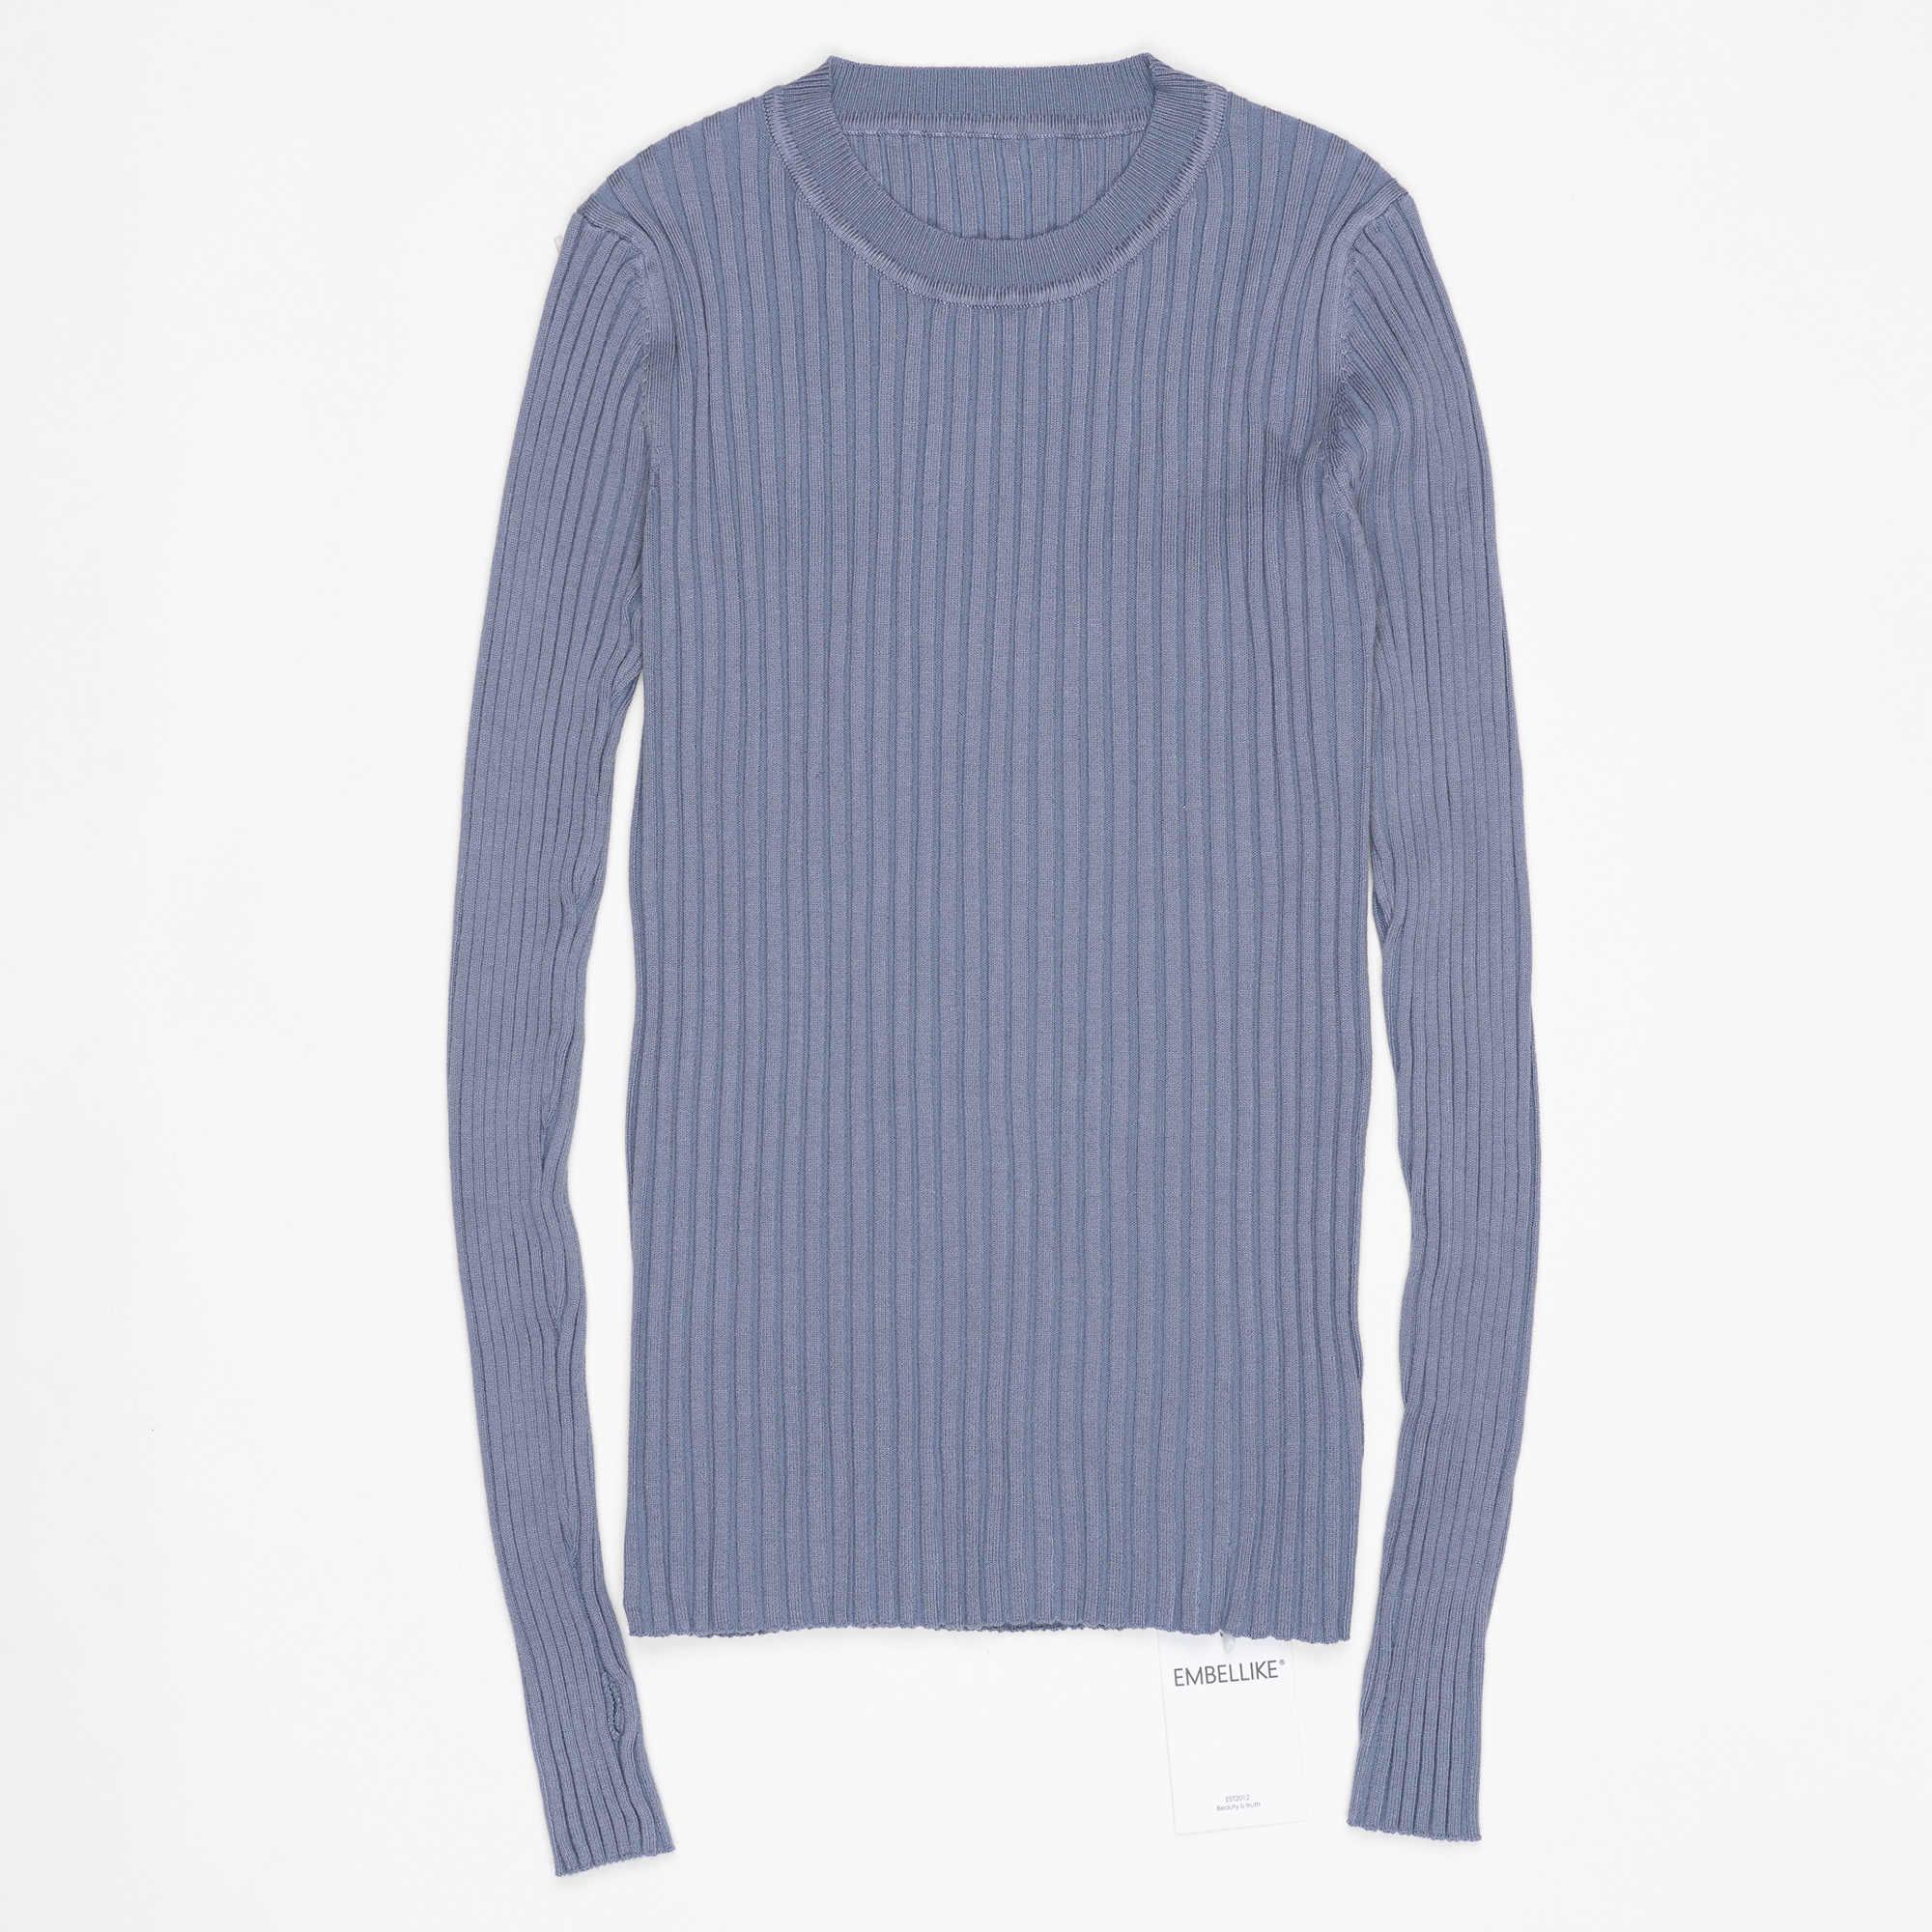 Jersey para mujer, jersey básico de algodón de punto, cuello redondo sólido, Jersey esencial, suéteres de manga larga con agujero para el pulgar